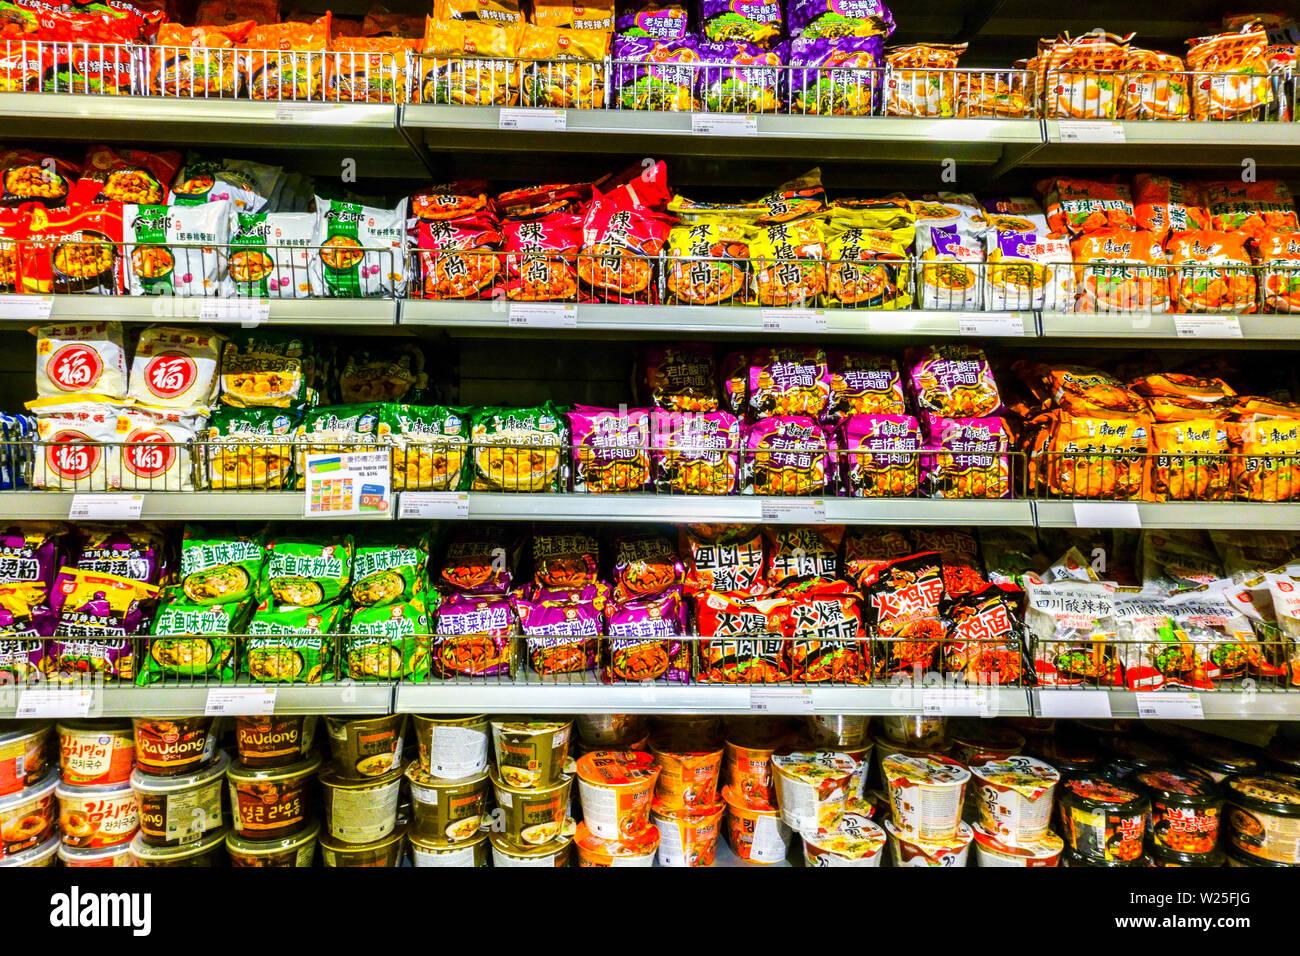 india supermarket bellevue